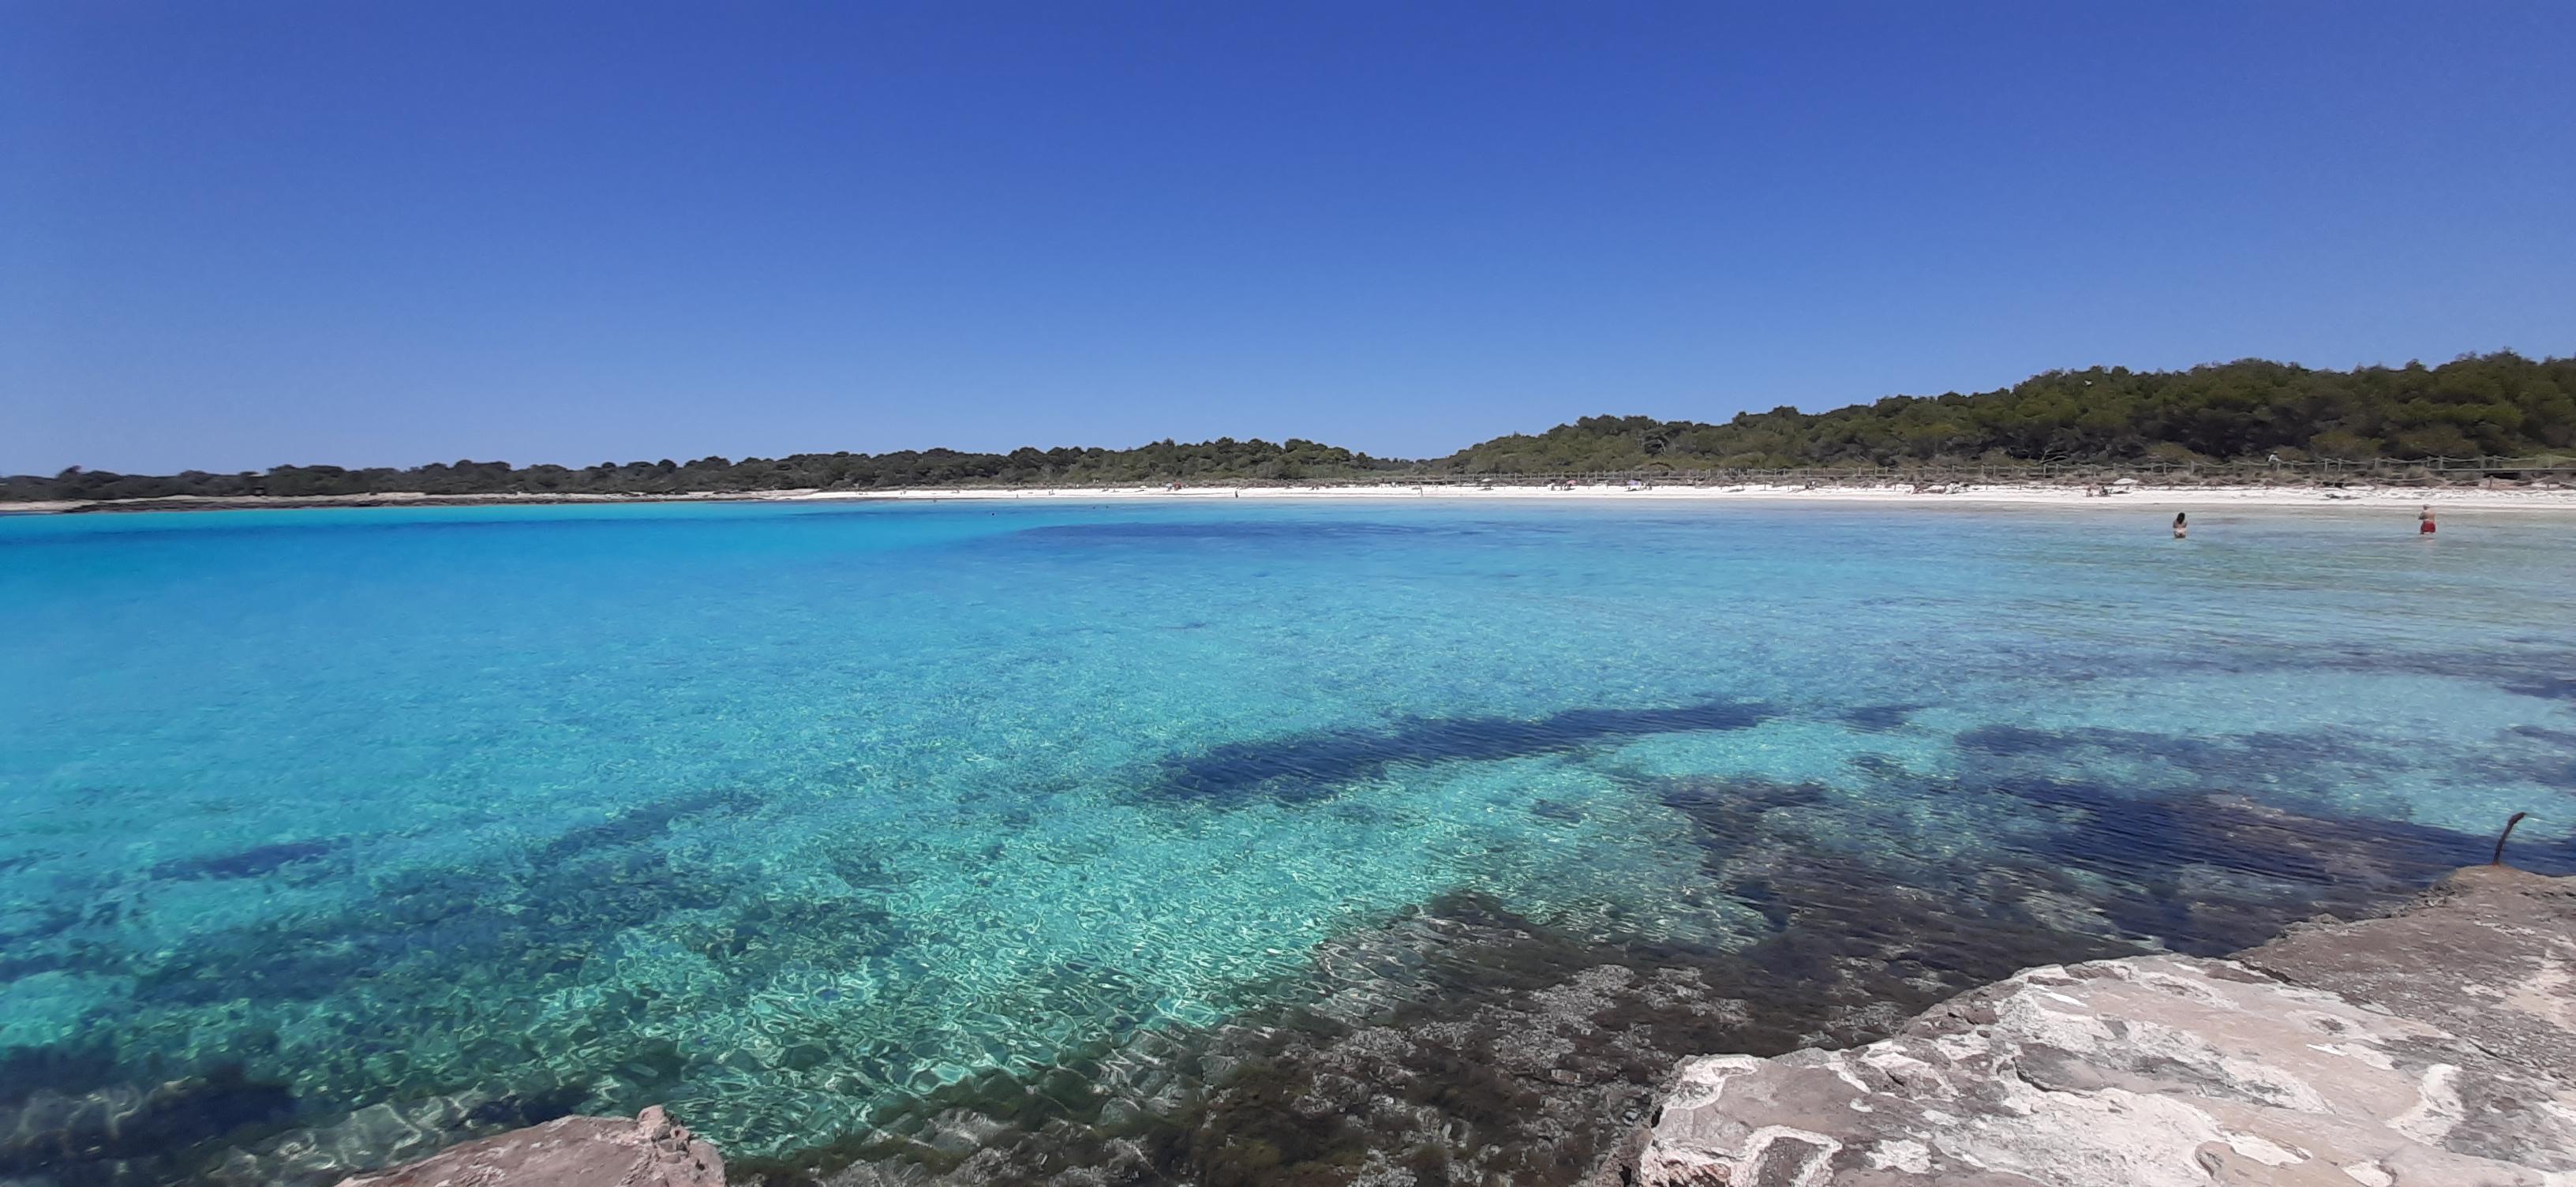 Son Saura, Menorca, 8 mayo 2021